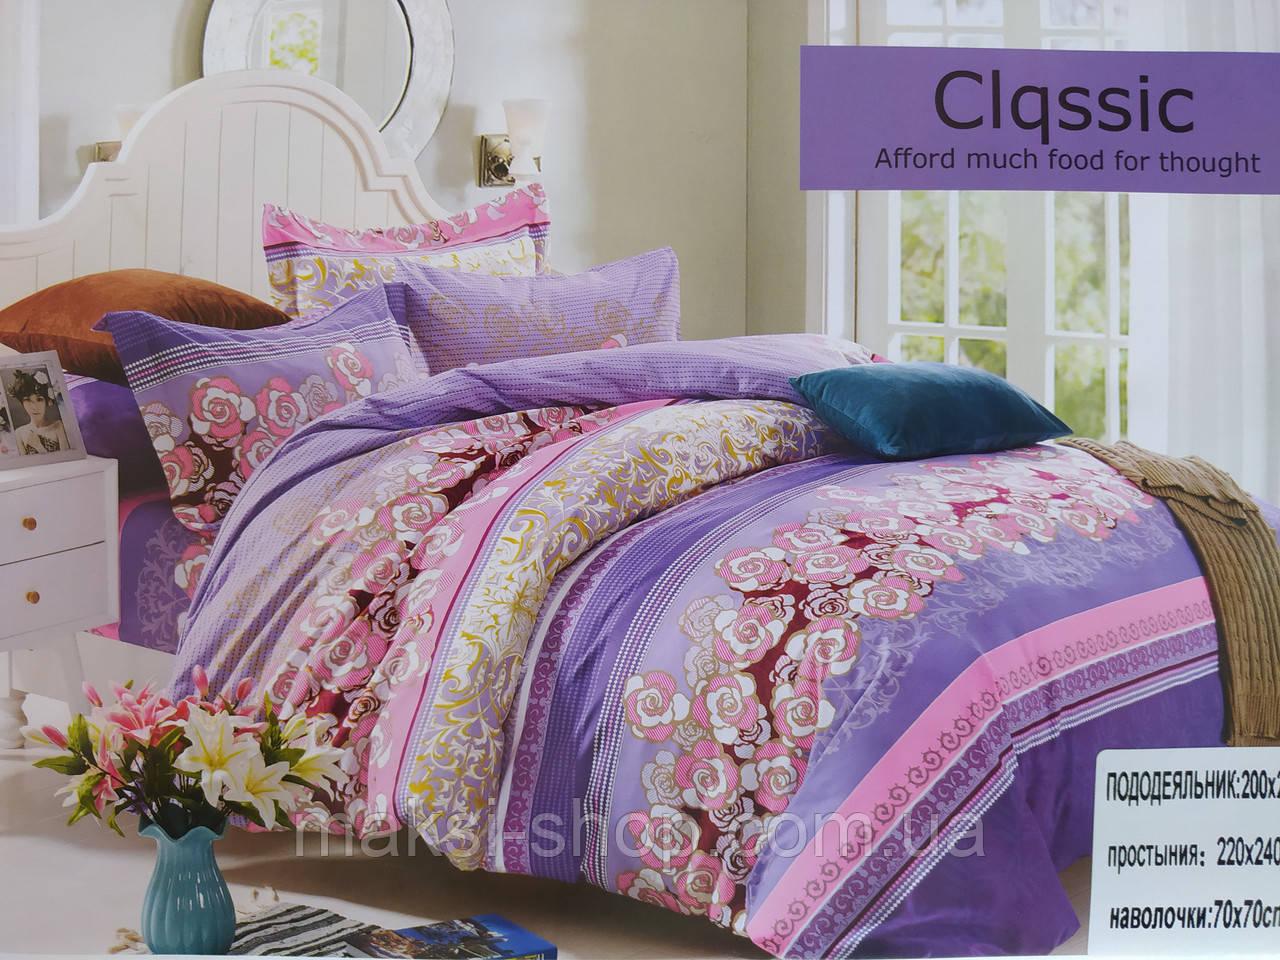 Комплект постельного белья евро размер сатин - байка Classic П 20-13